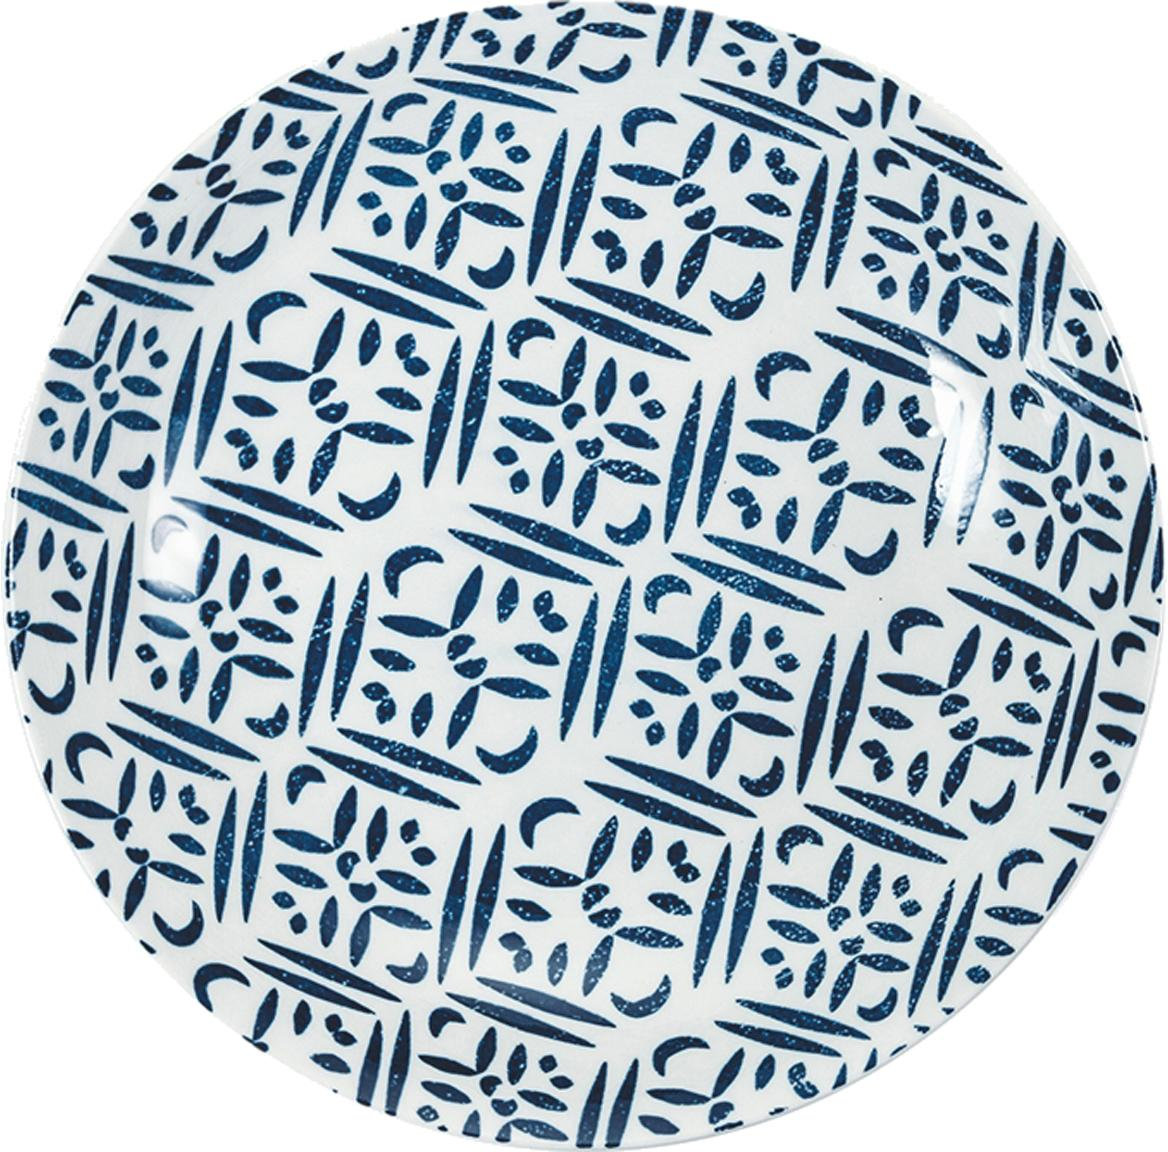 Komplet naczyń  Playa, 18 elem., Porcelana, Niebieski, biały, Komplet z różnymi rozmiarami